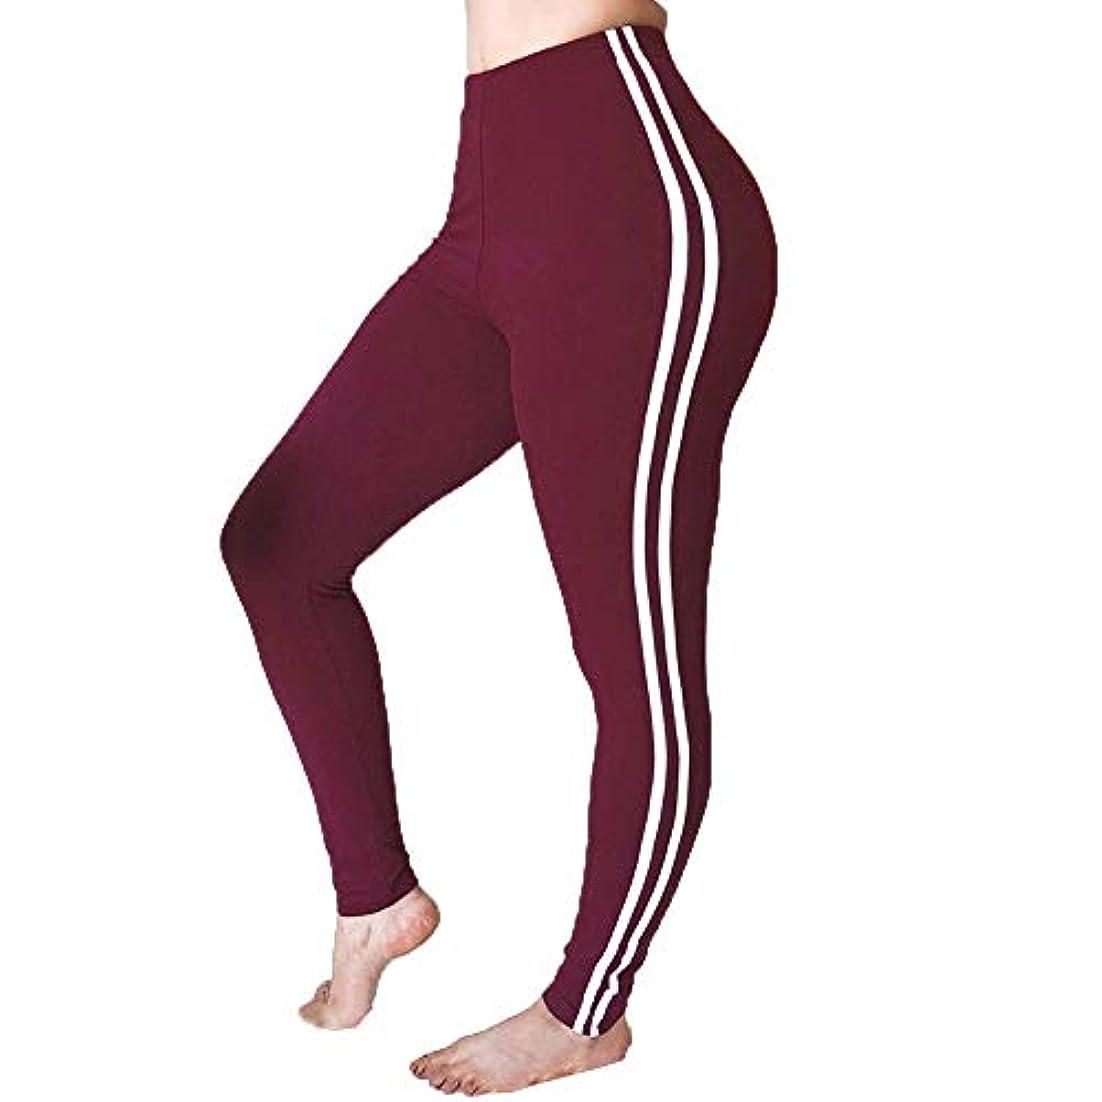 こんにちはタップ釈義MIFAN 女性パンツ、ロングパンツ、ハイウエストパンツ、スポーツパンツ、スキニーパンツ、ヨガパンツ、